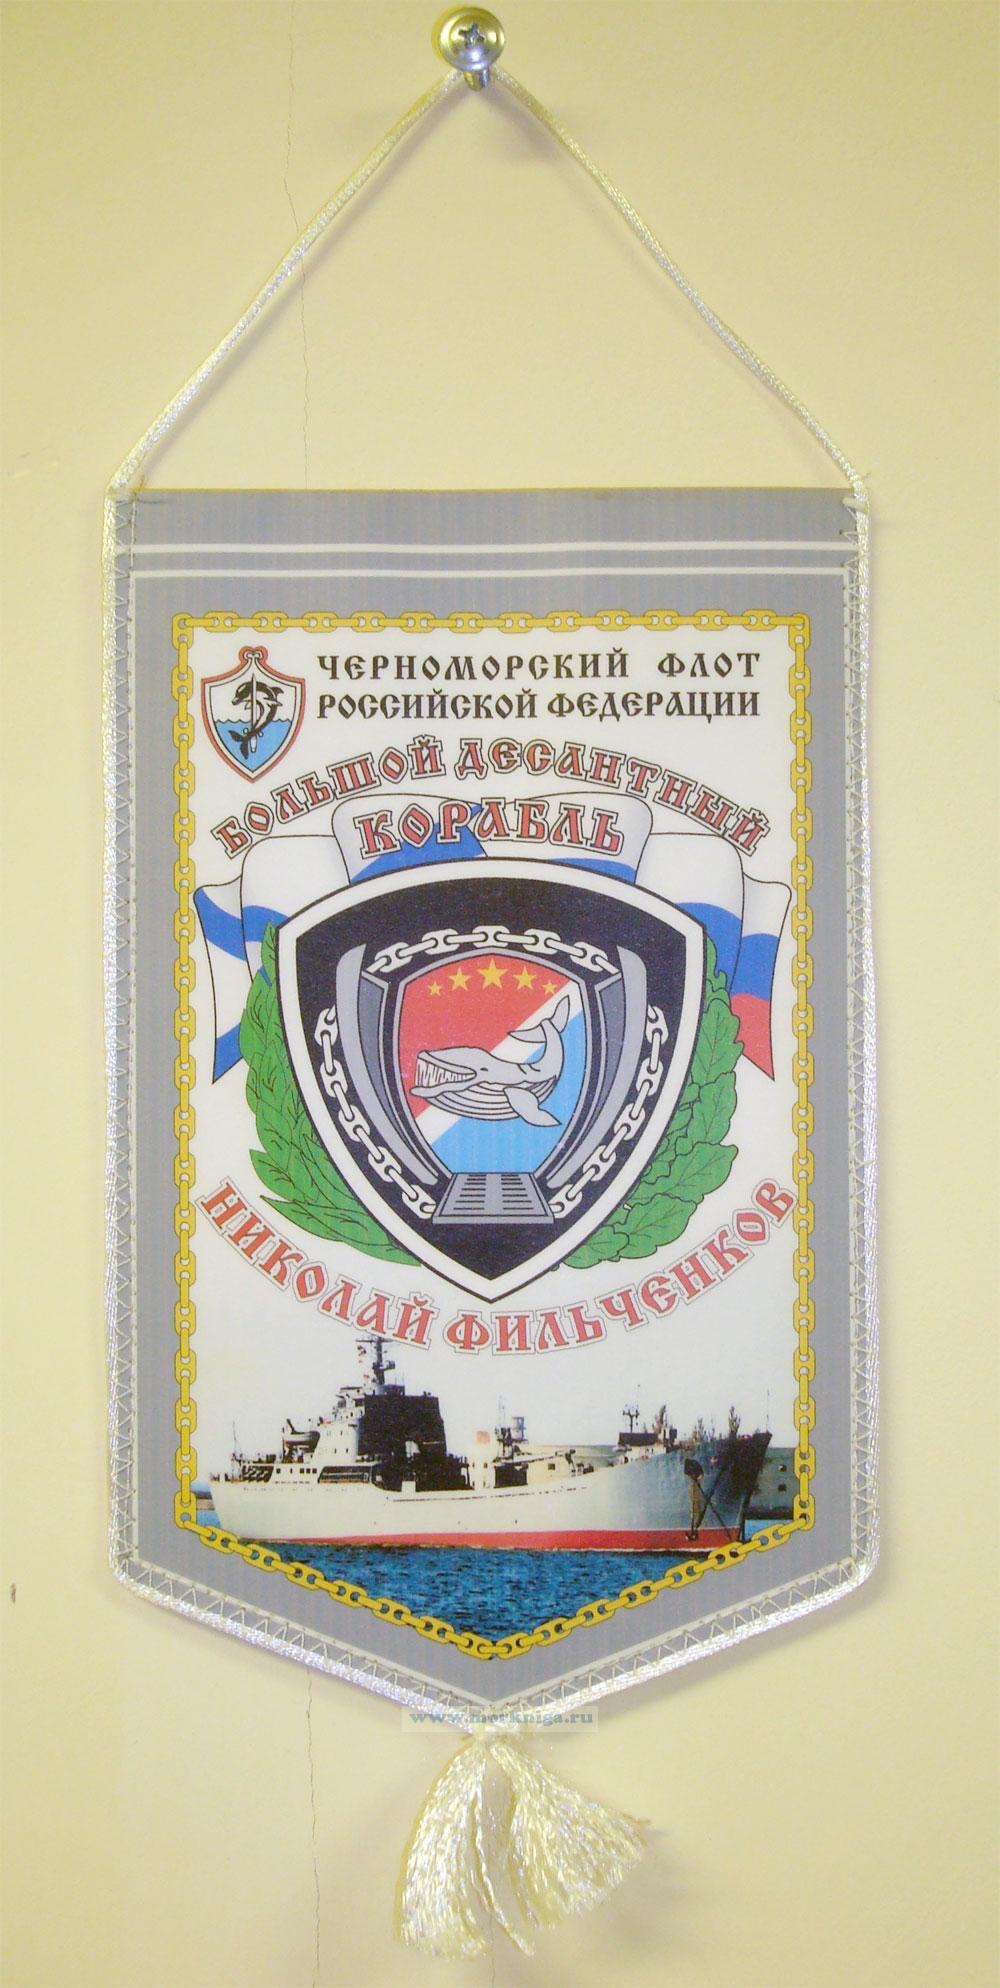 Вымпел. Большой десантный корабль Николай Фильченков